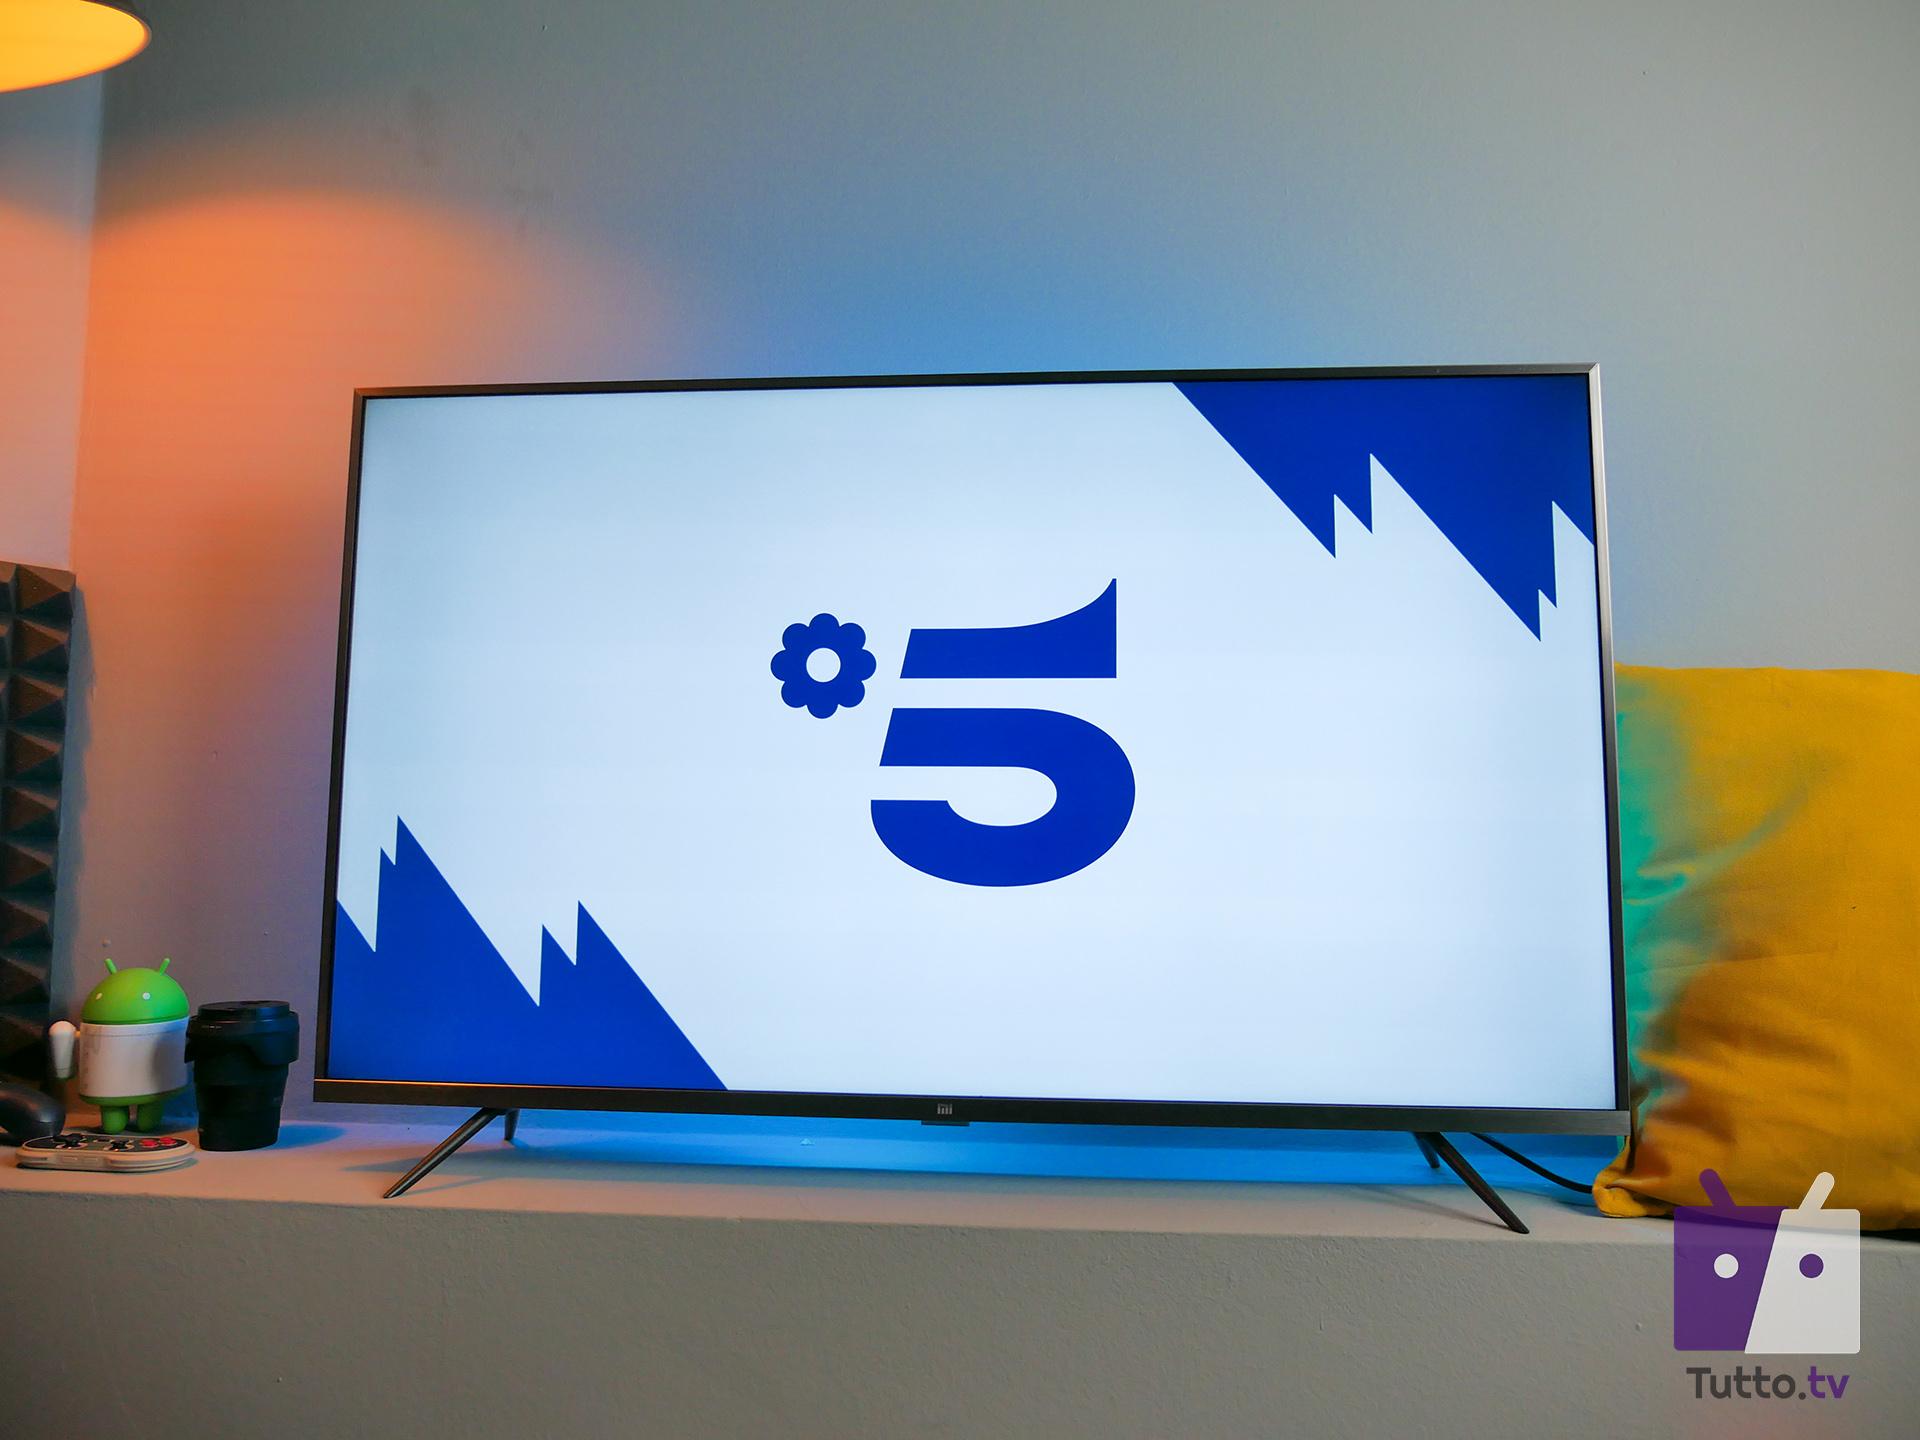 Programmazione Canale 5, cosa vedere oggi in diretta tv e streaming